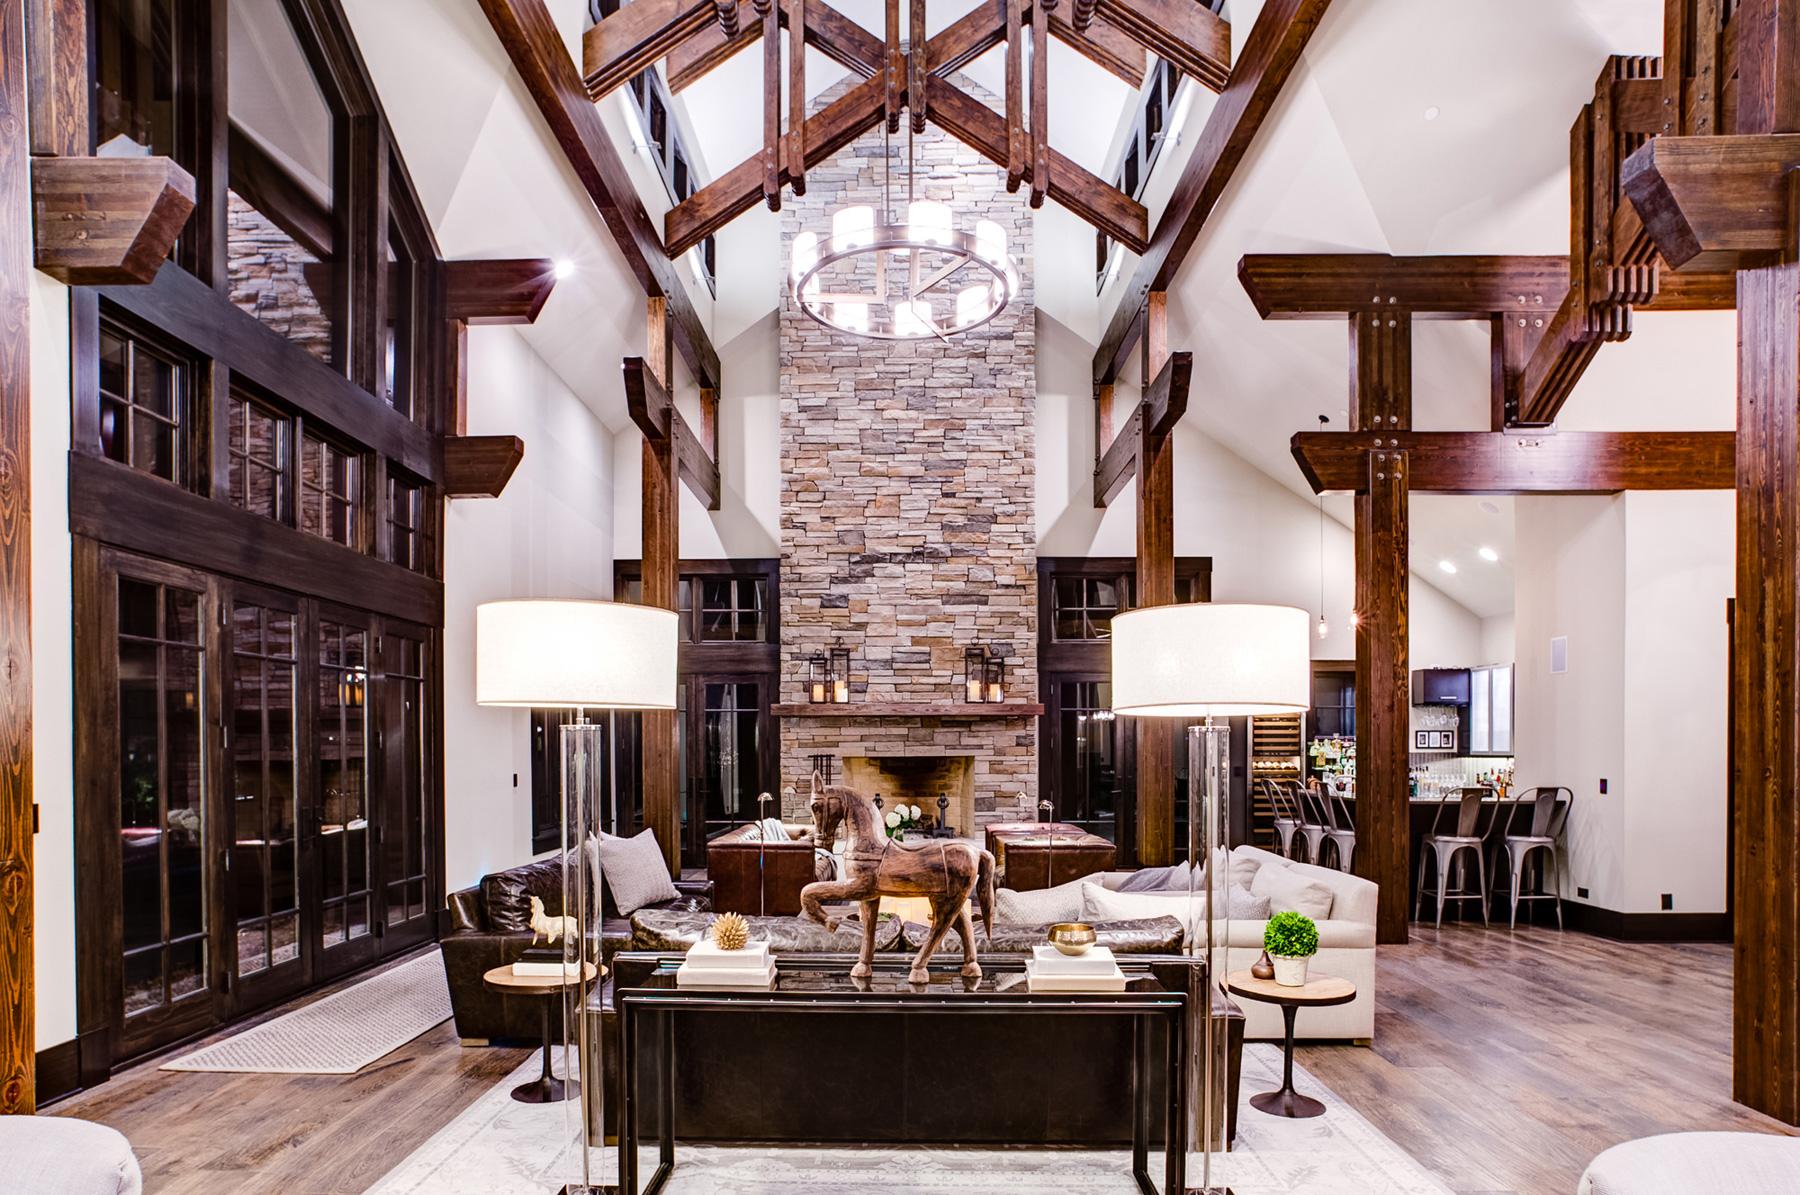 Interior design by Studio M Interiors